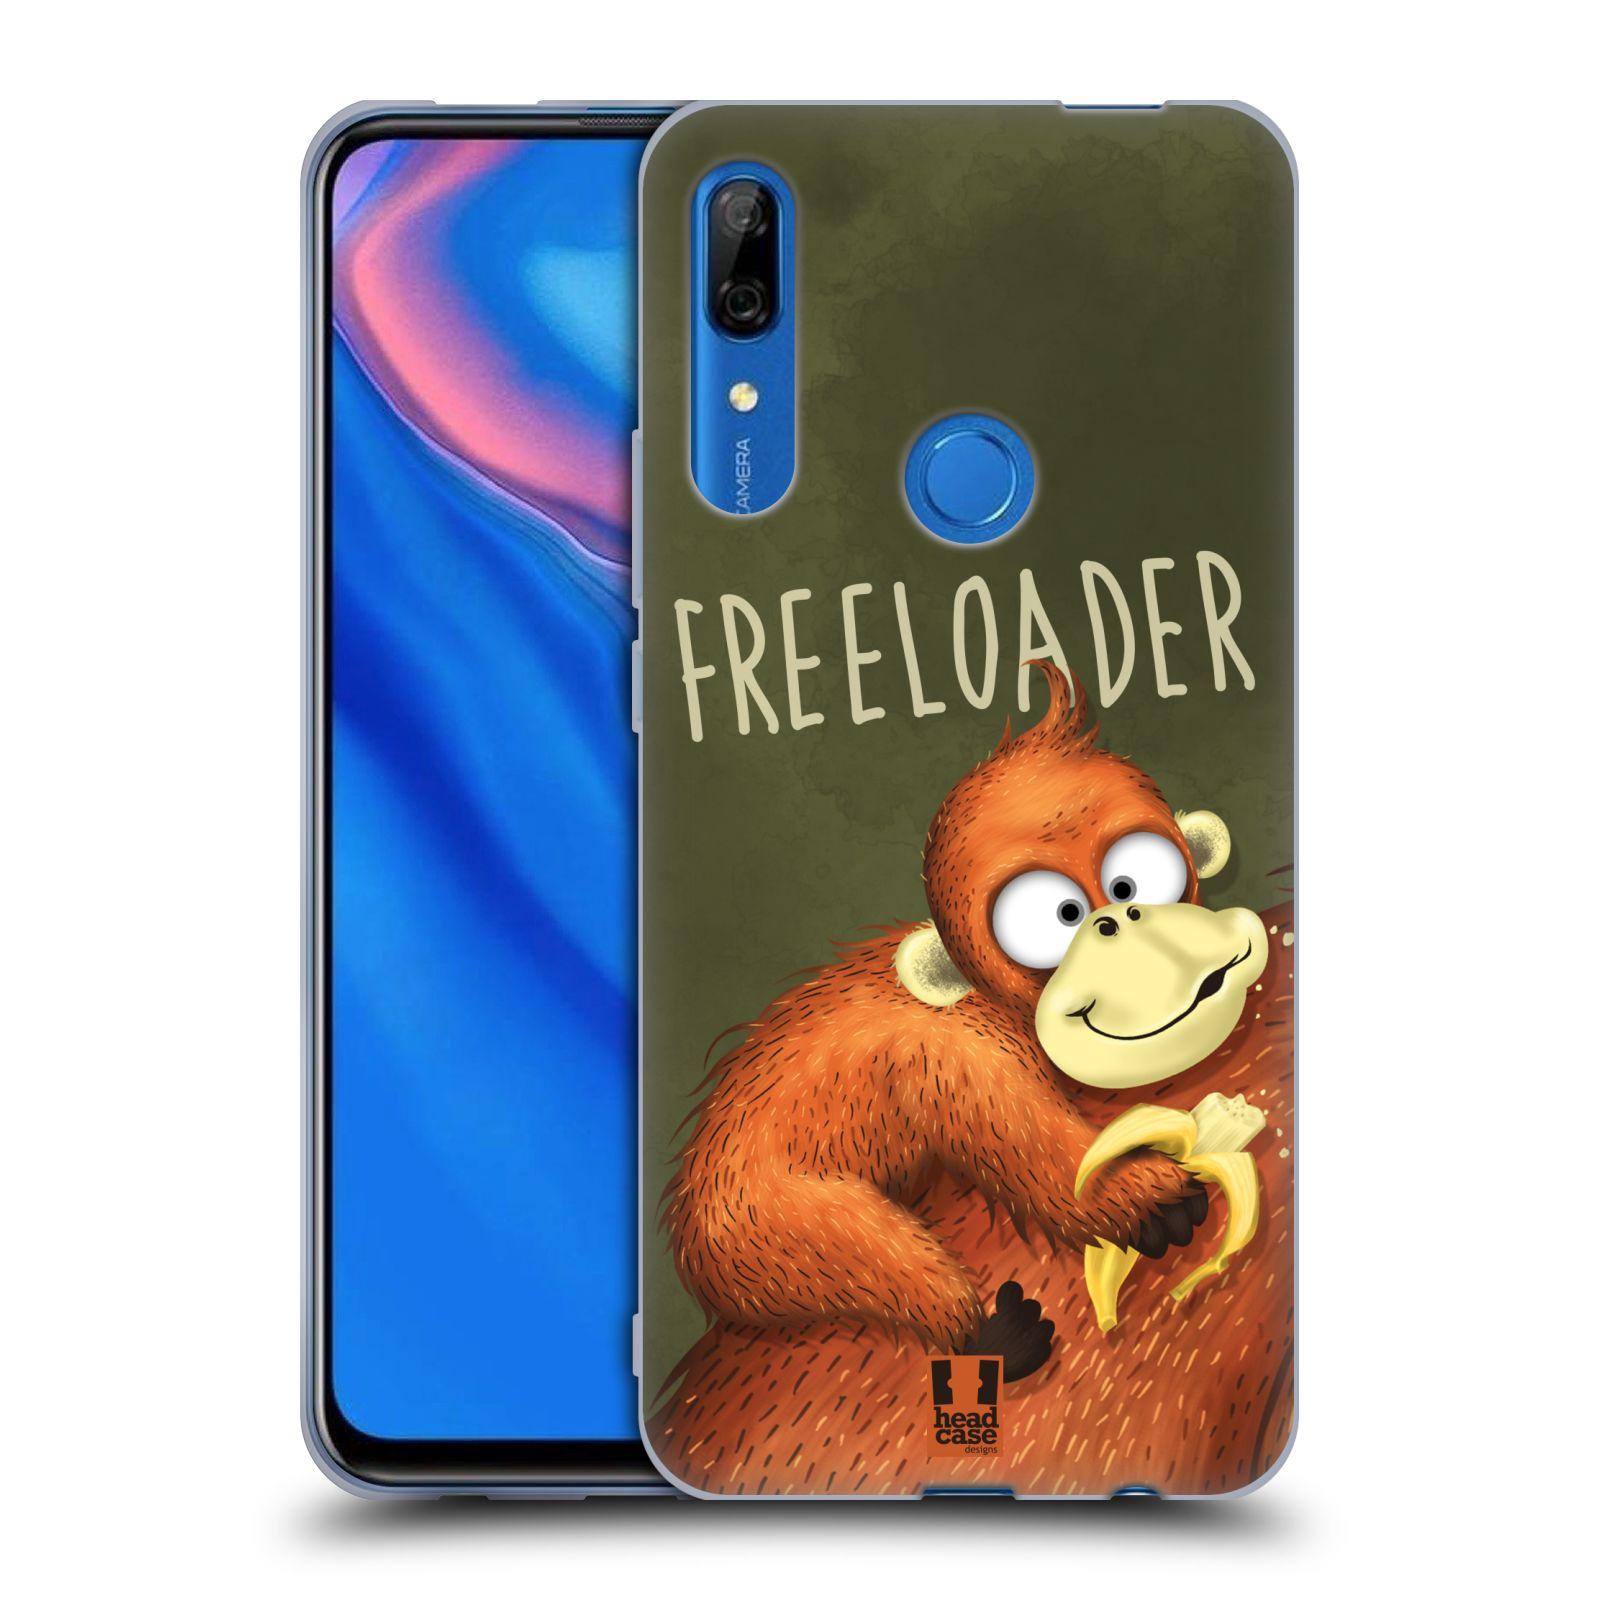 Silikonové pouzdro na mobil Huawei P Smart Z - Head Case - Opičák Freeloader